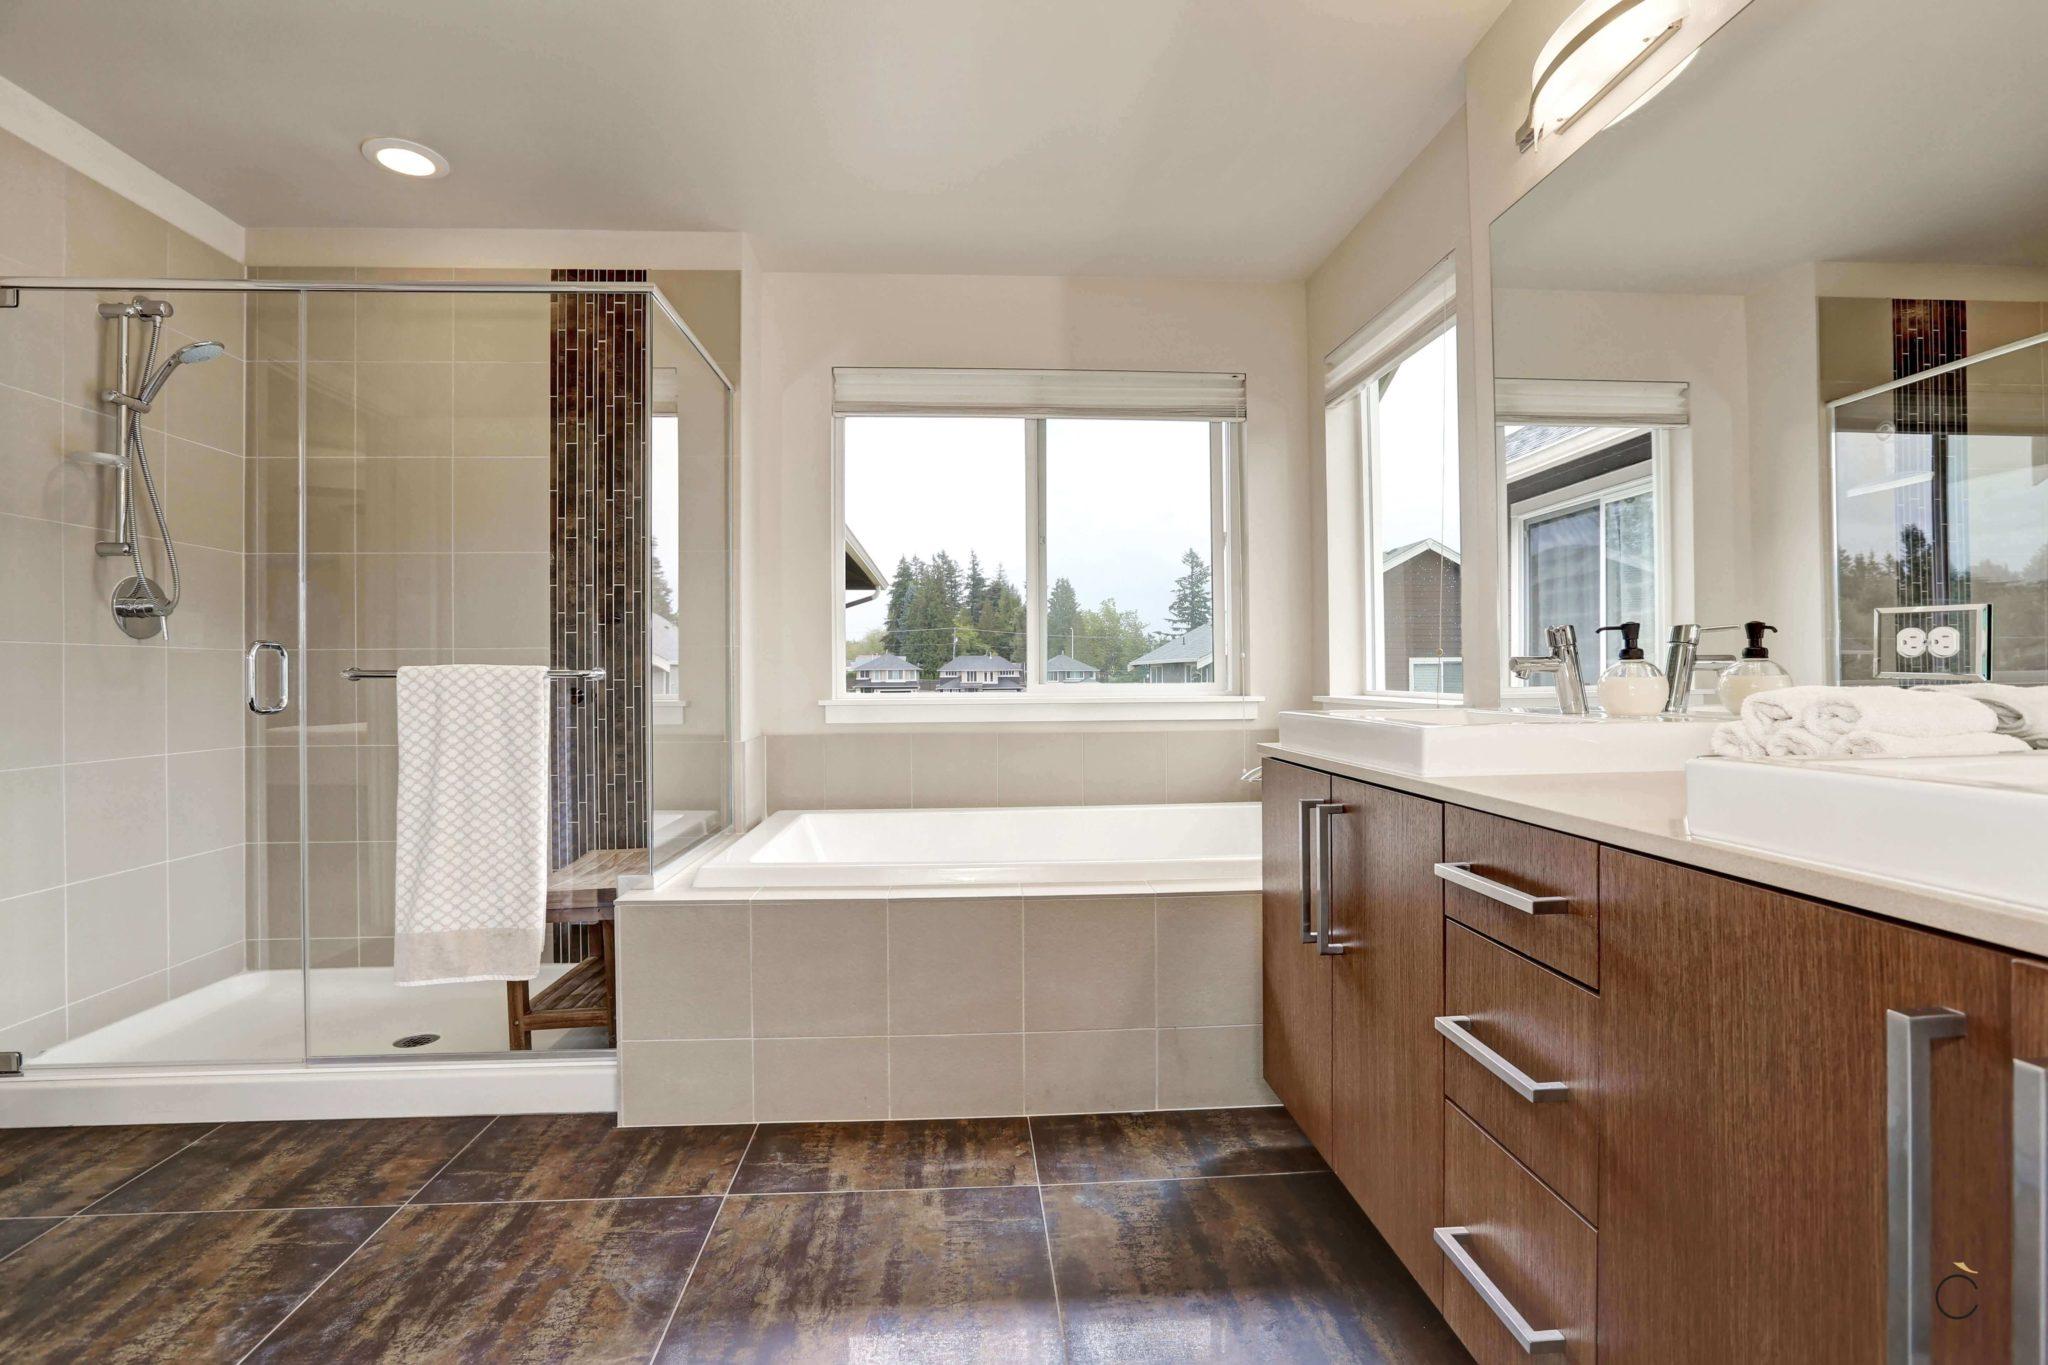 Baño de diseño con bañera y ducha